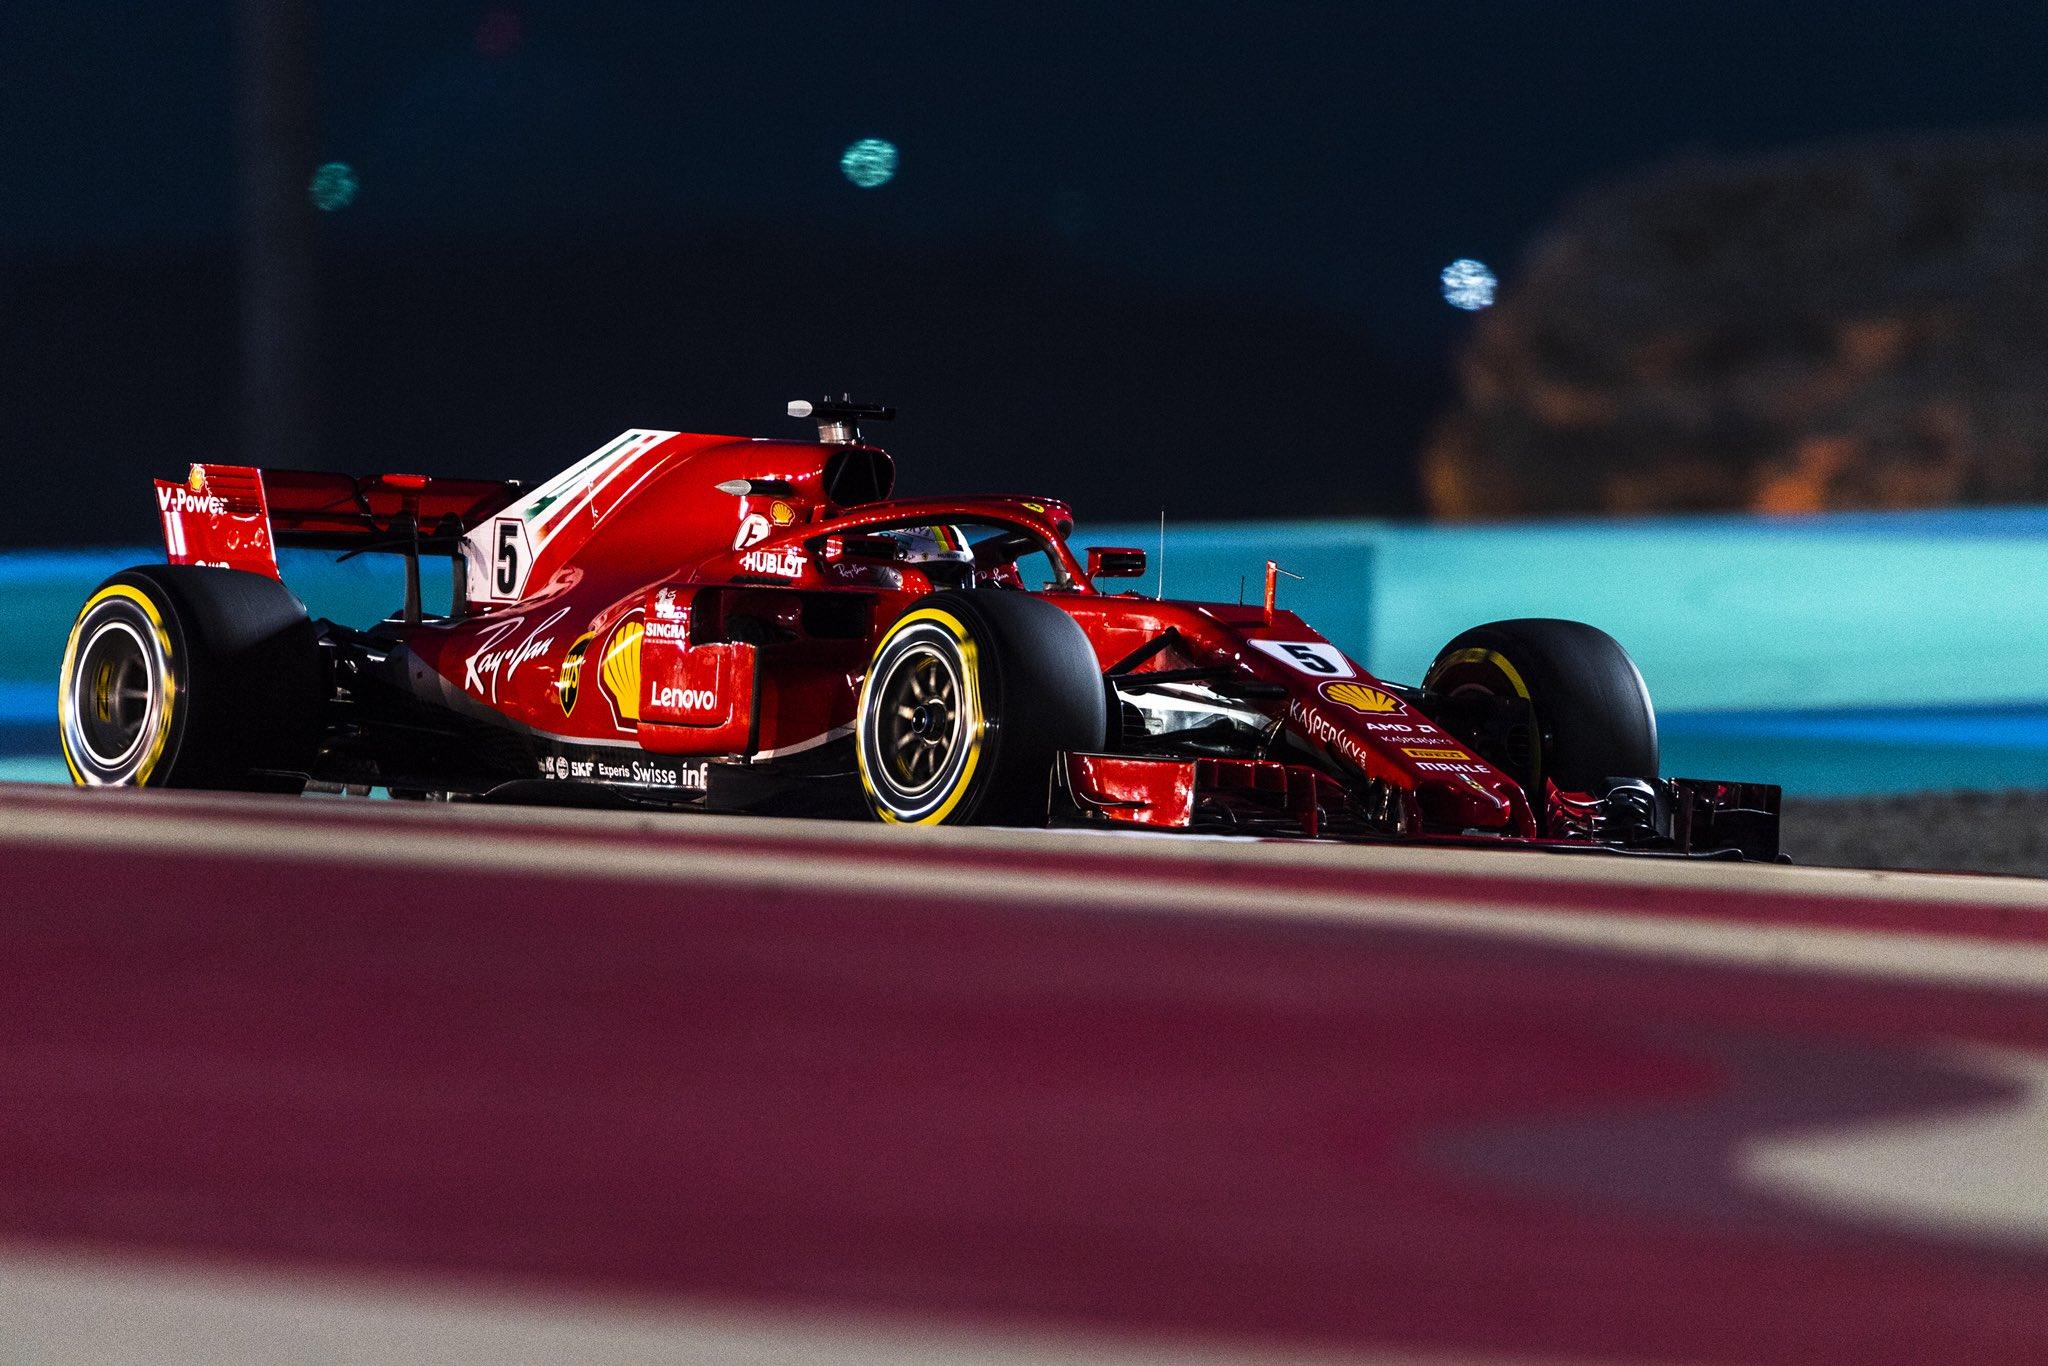 Себастьян Феттель - победитель гран-при Бахрейна 2018 года